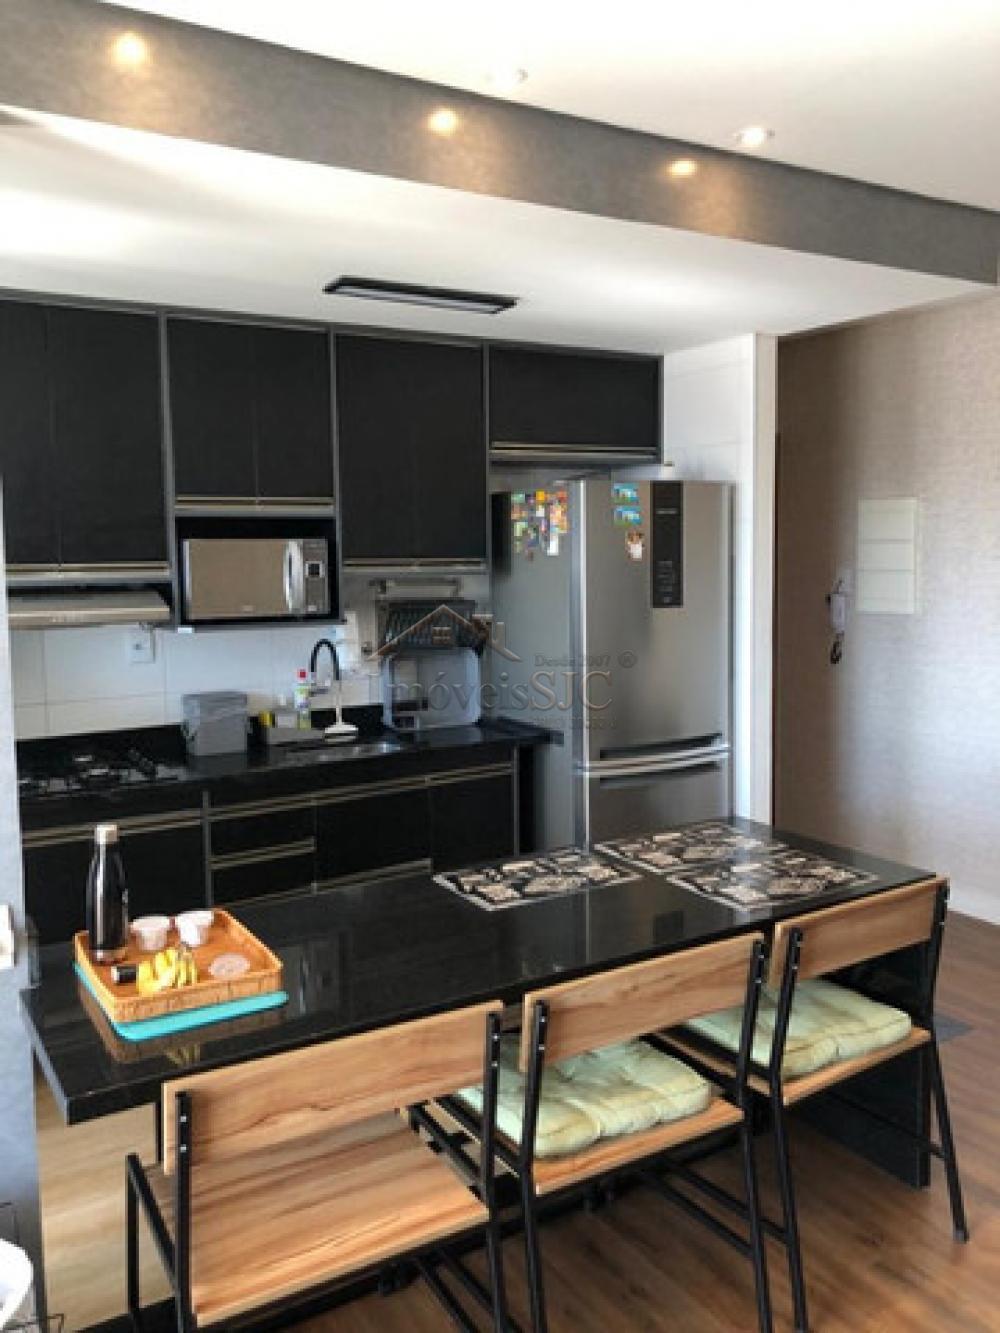 Comprar Apartamentos / Padrão em São José dos Campos R$ 392.000,00 - Foto 5